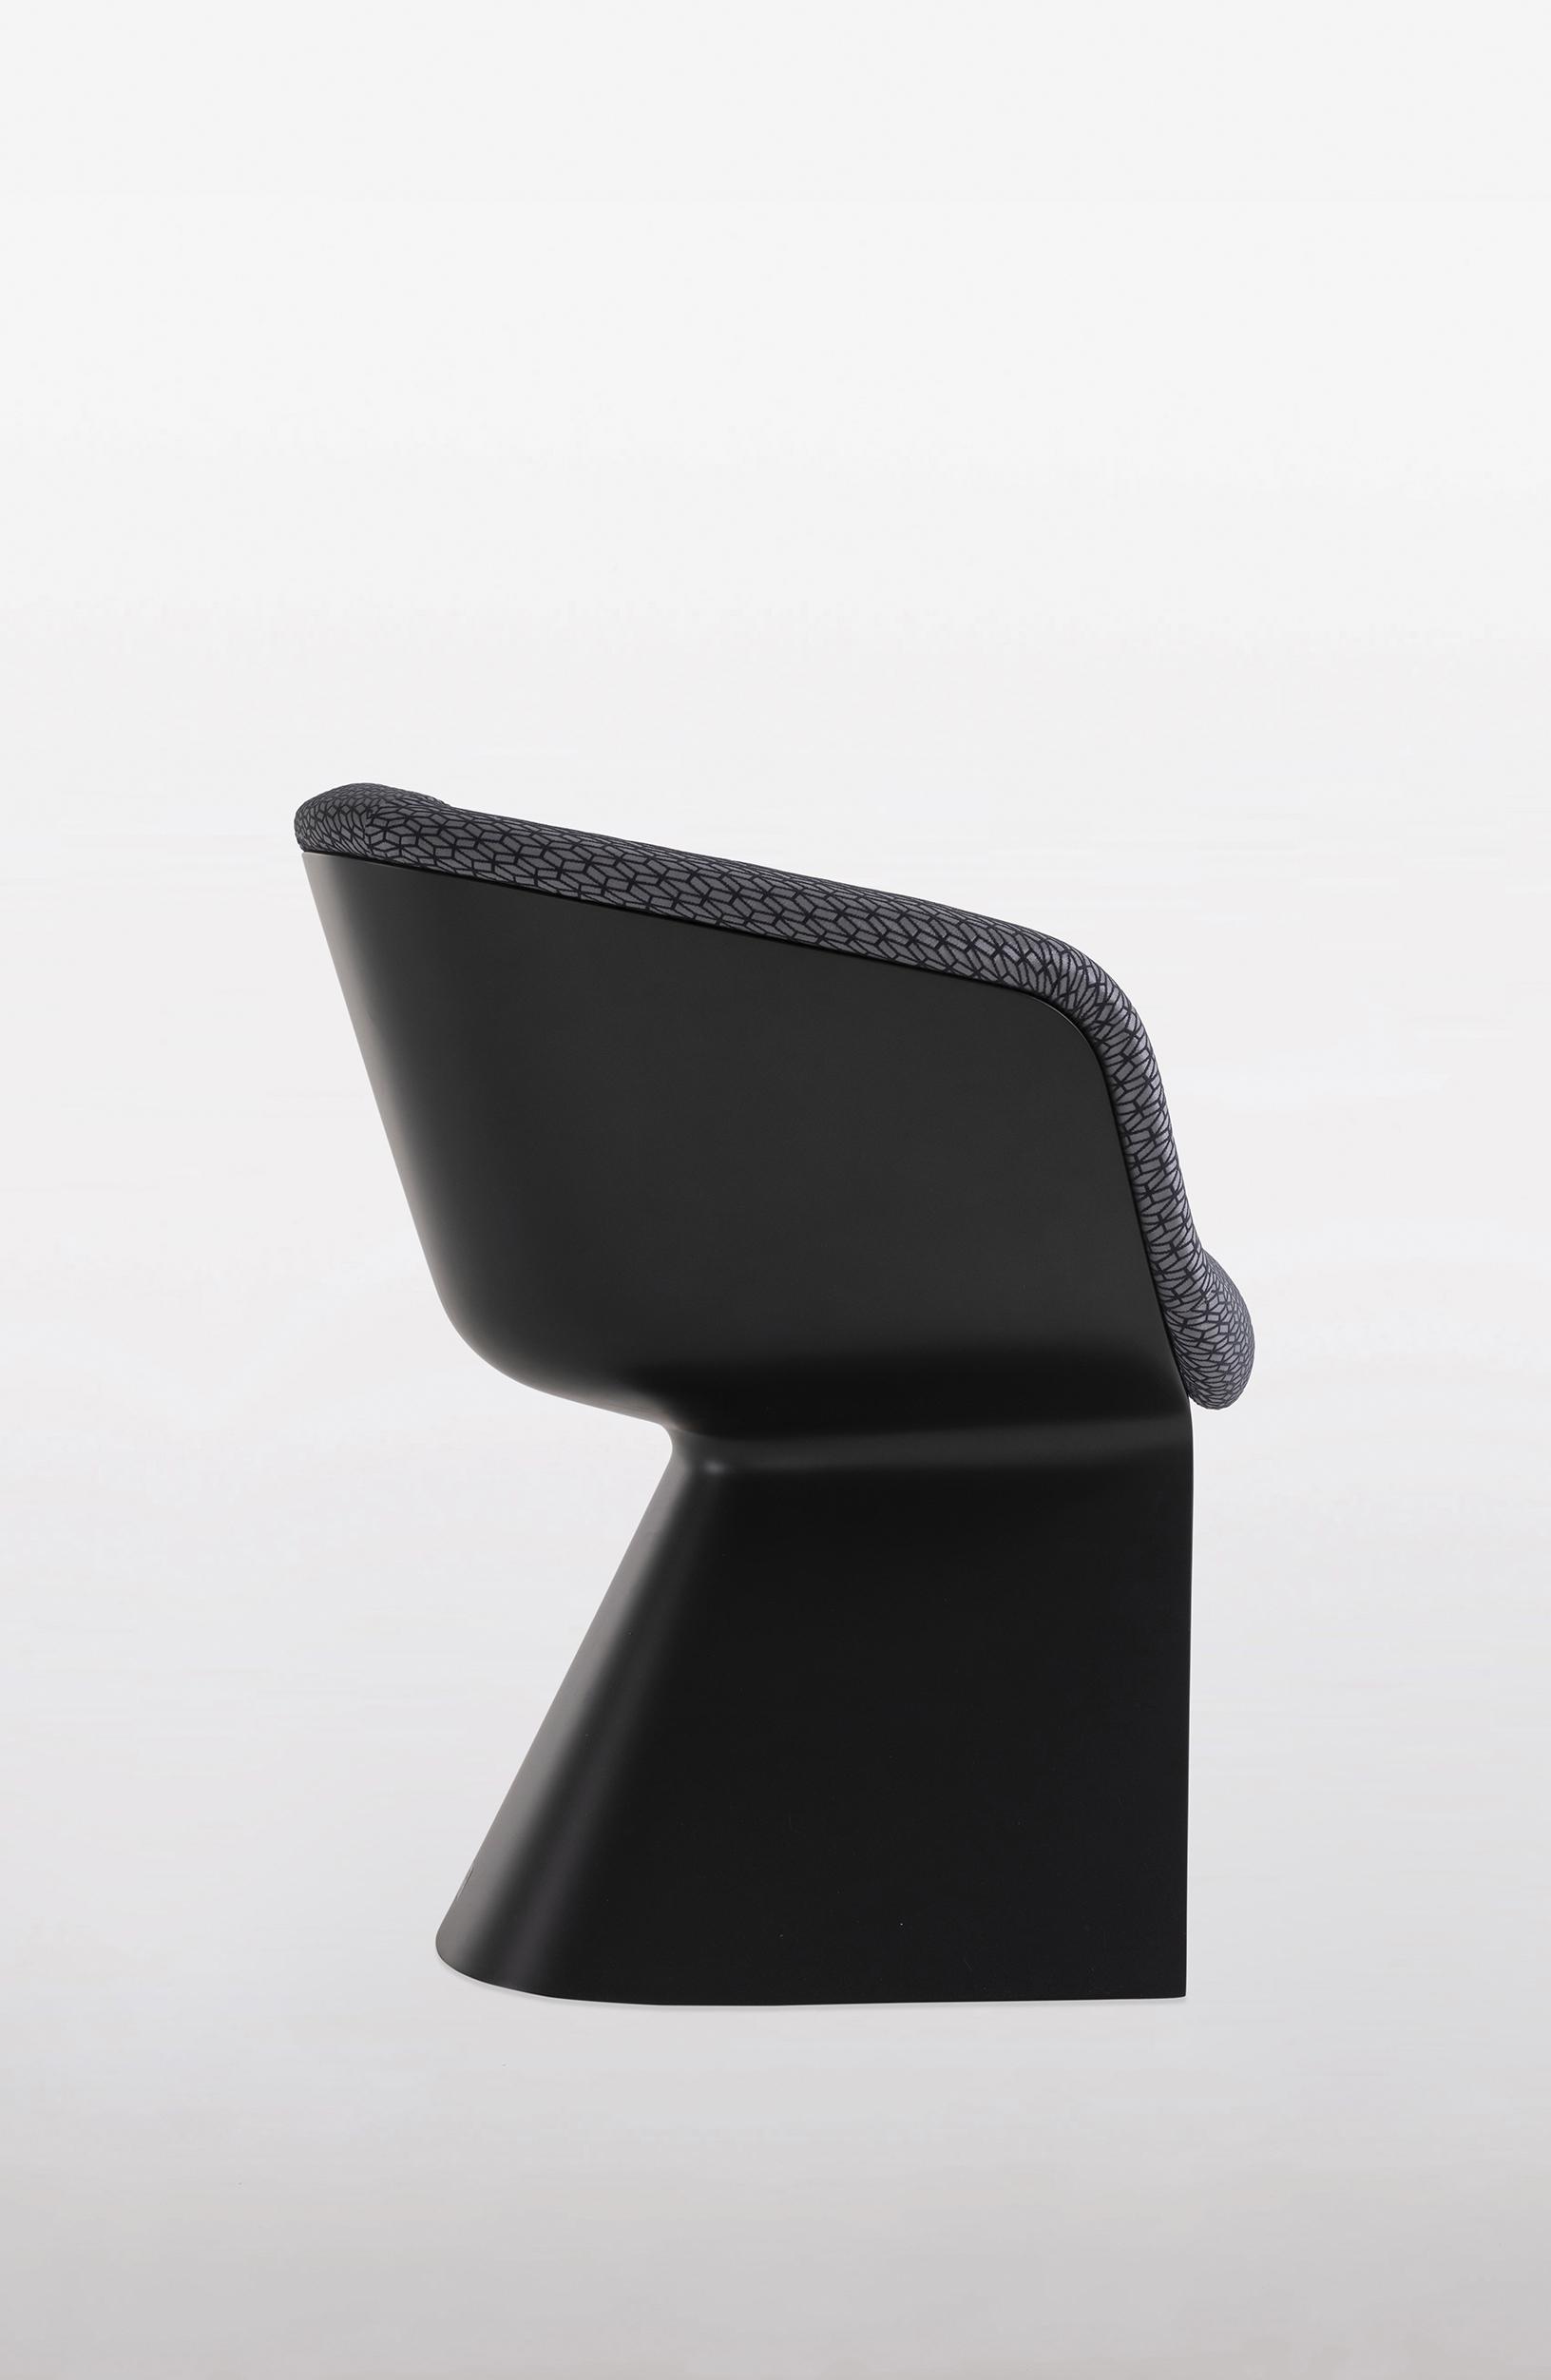 bugatti home-vitesse-chair-05